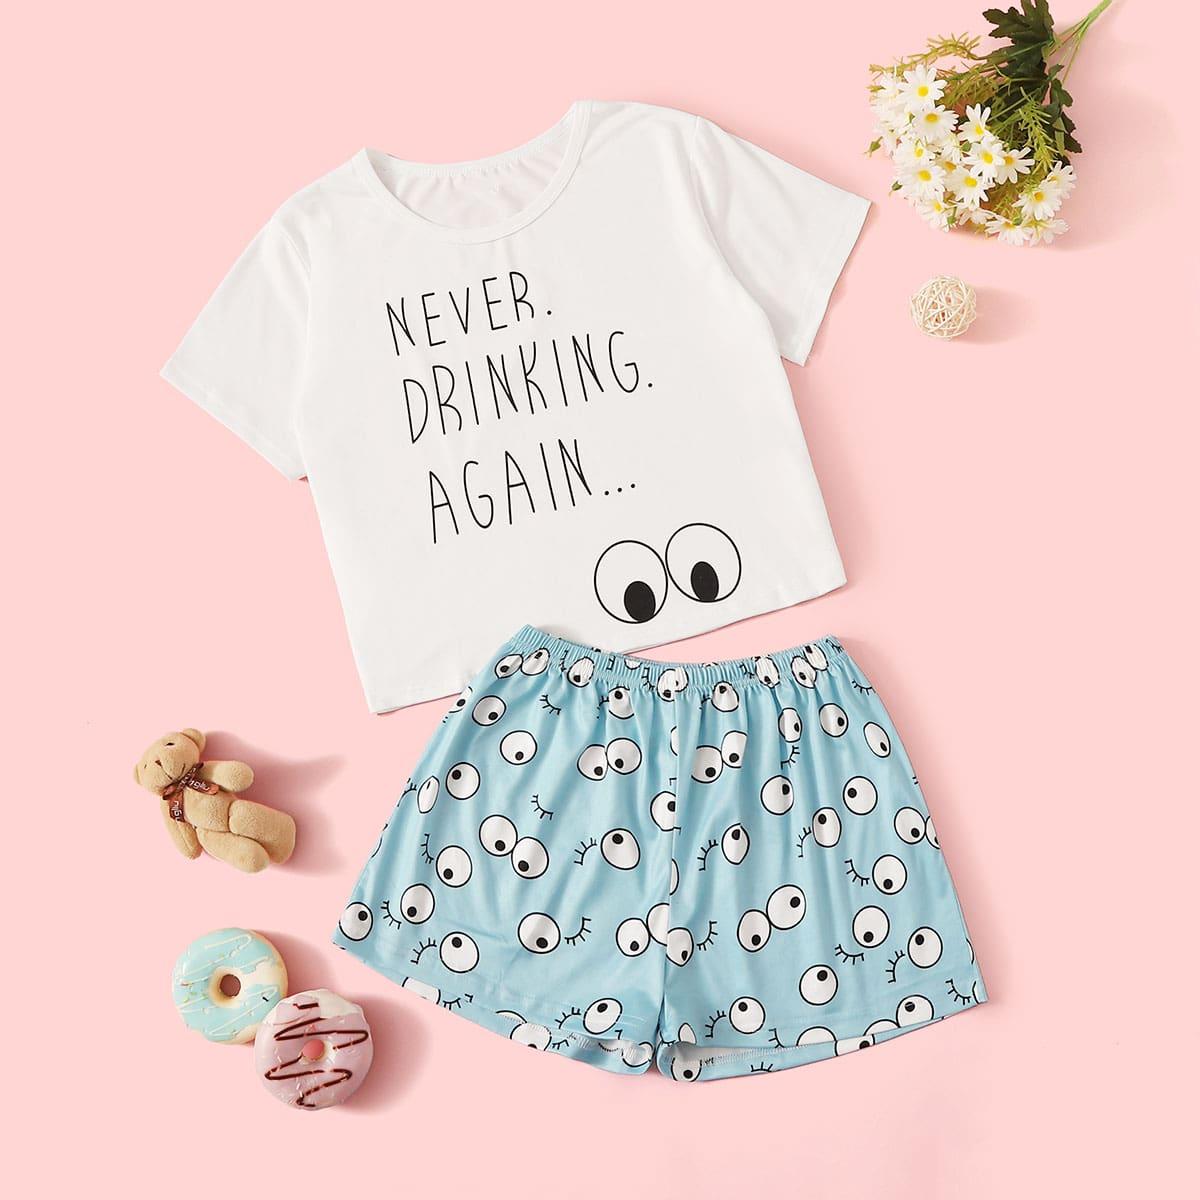 Пижама с текстовым принтом для девочек от SHEIN